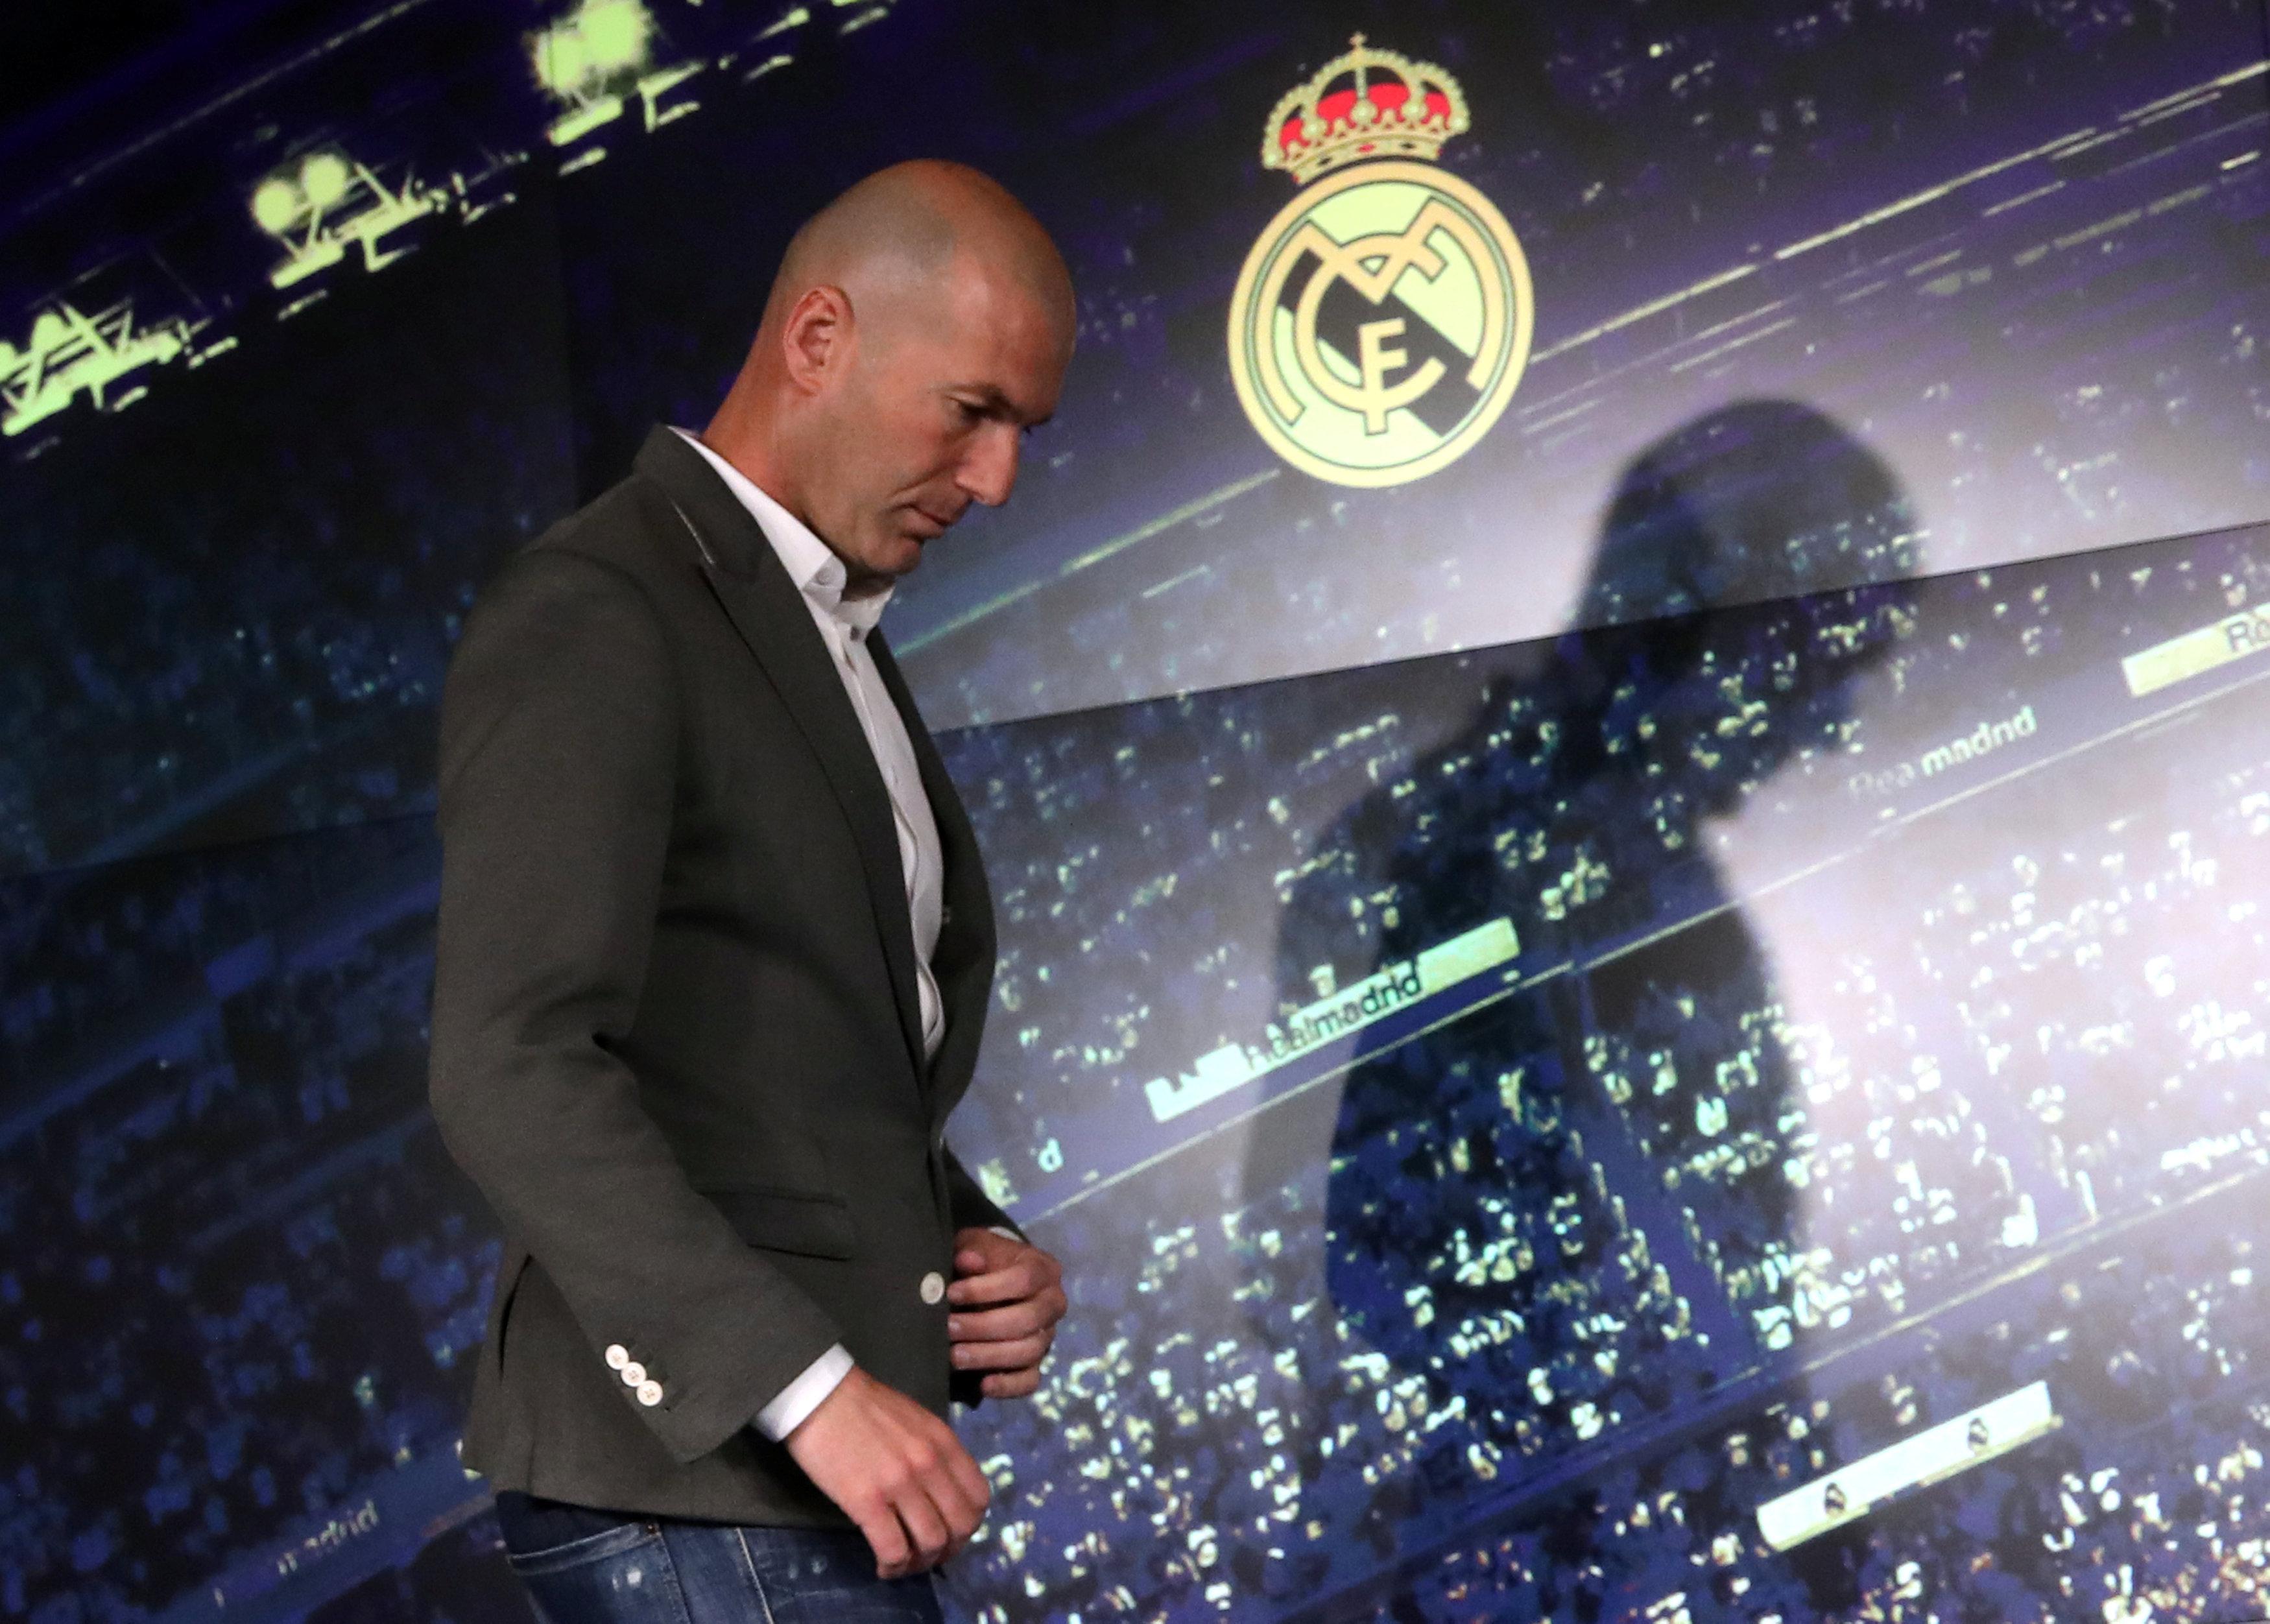 Football - Etranger - Zidane de retour au Real Madrid : réactions de supporters